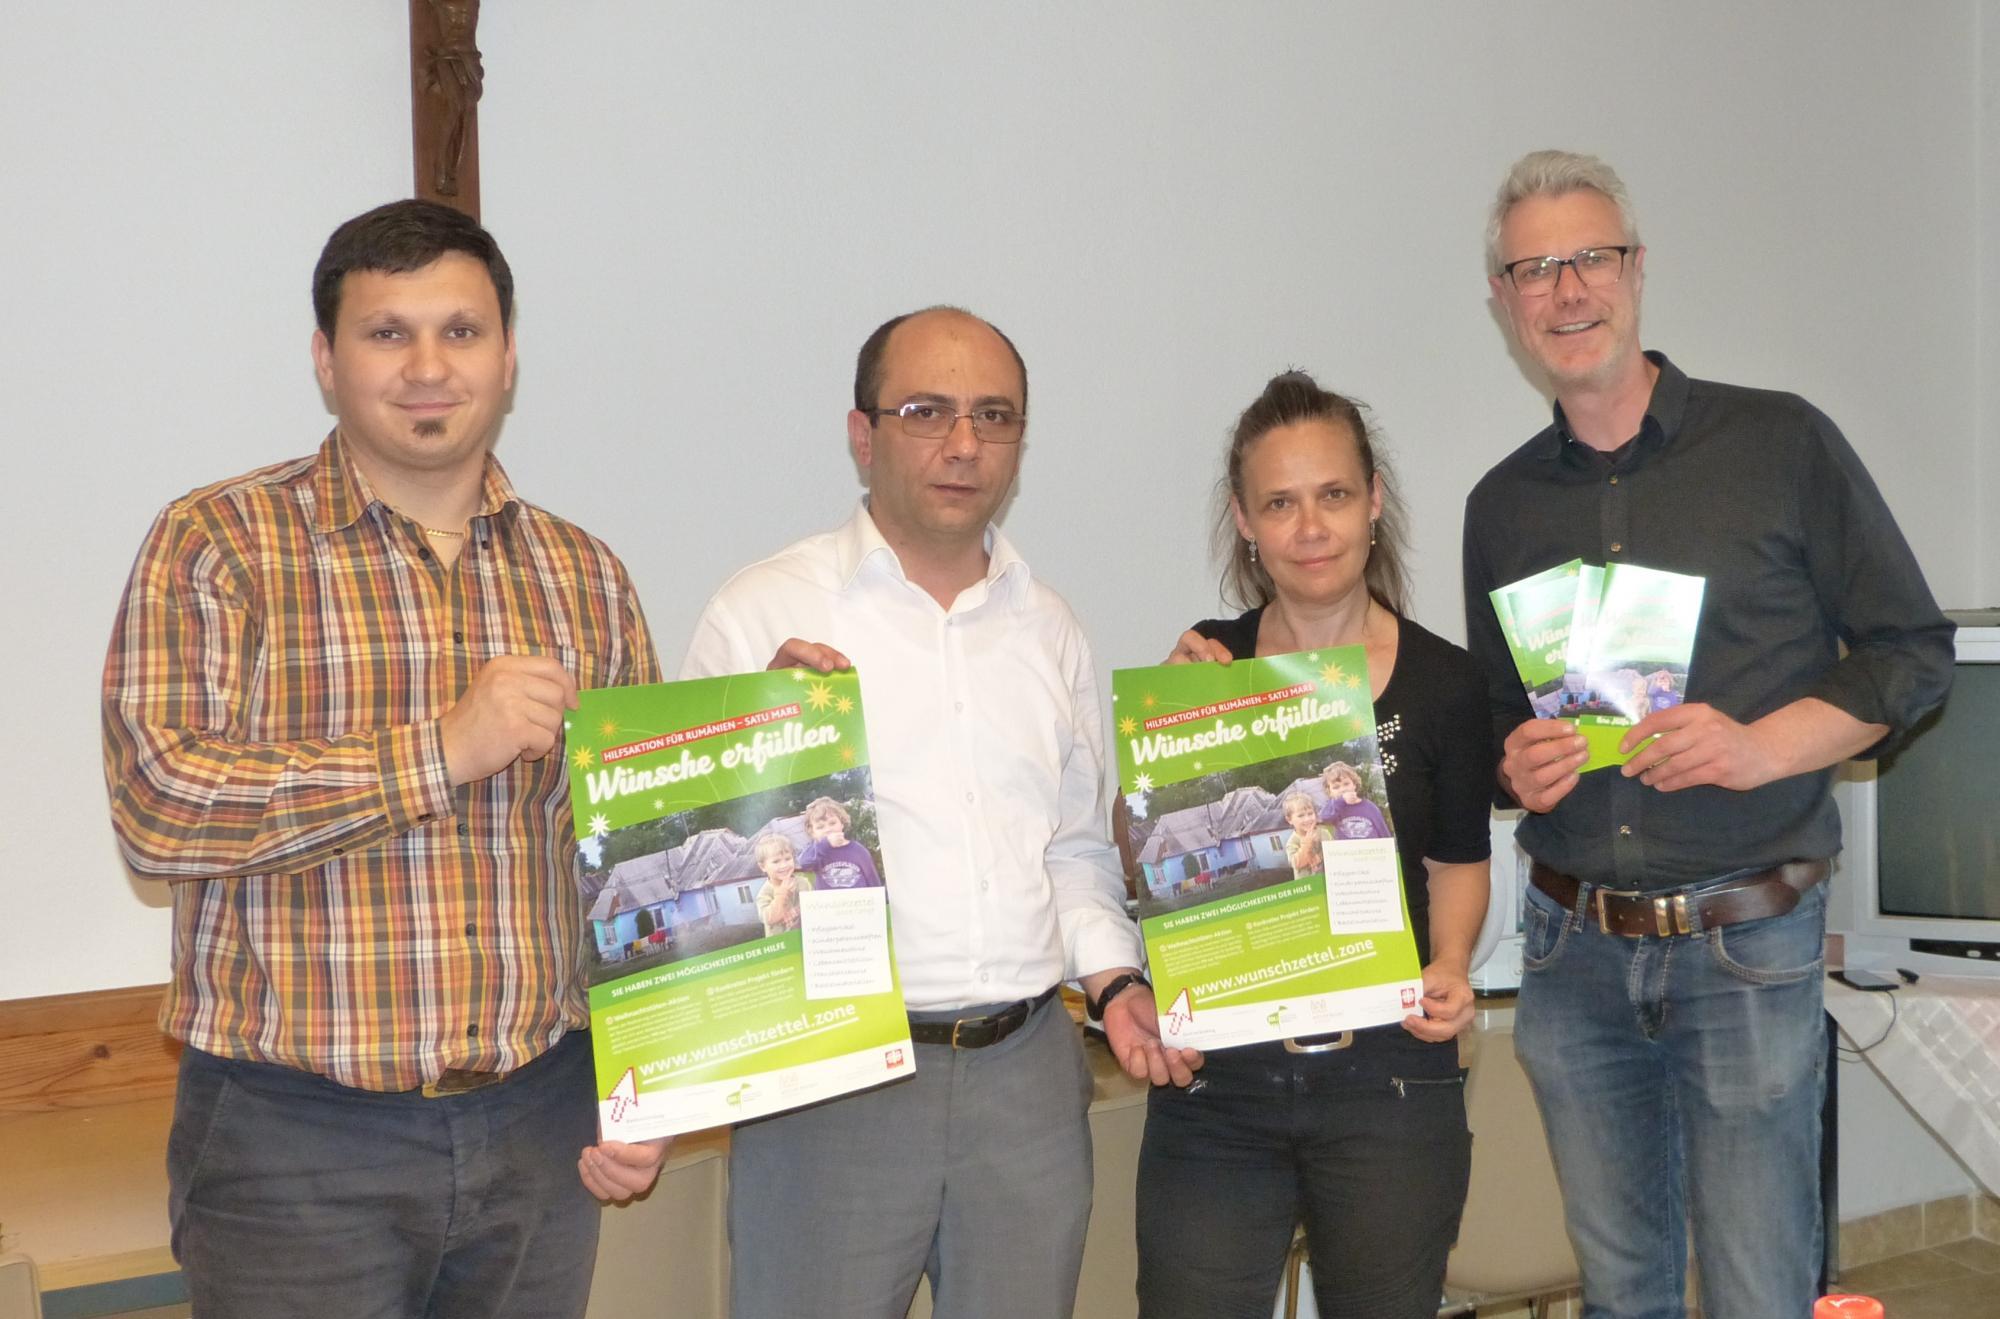 Das-Plakat-WZZ-2019-mit-Caritas-Satu-Mare